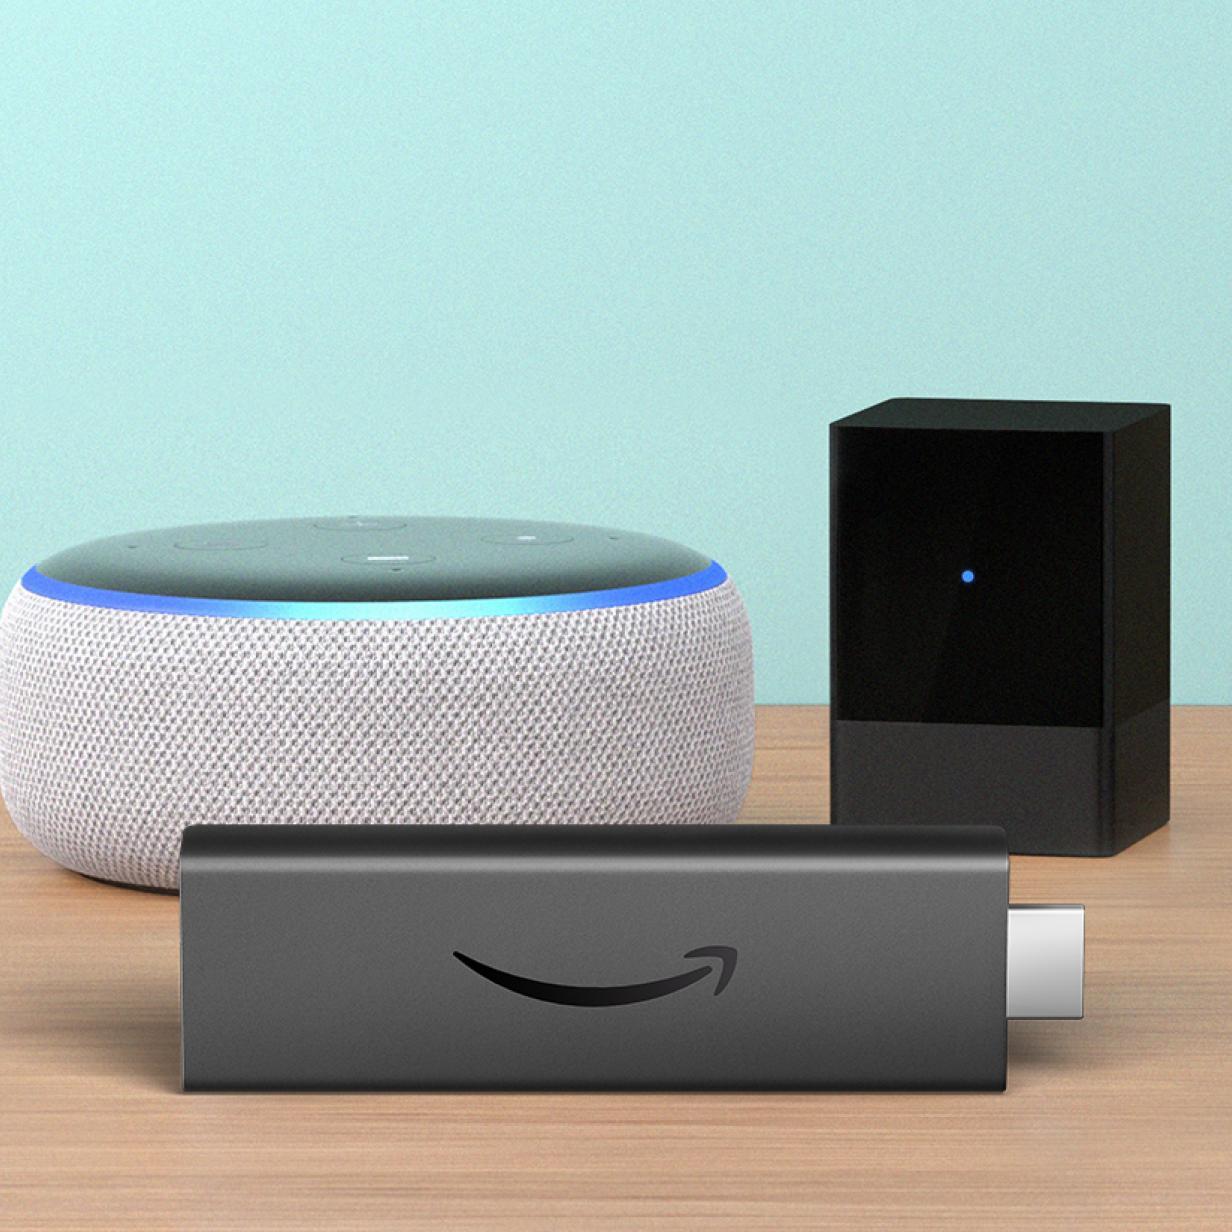 Amazon bringt Universalfernbedienung mit Alexa